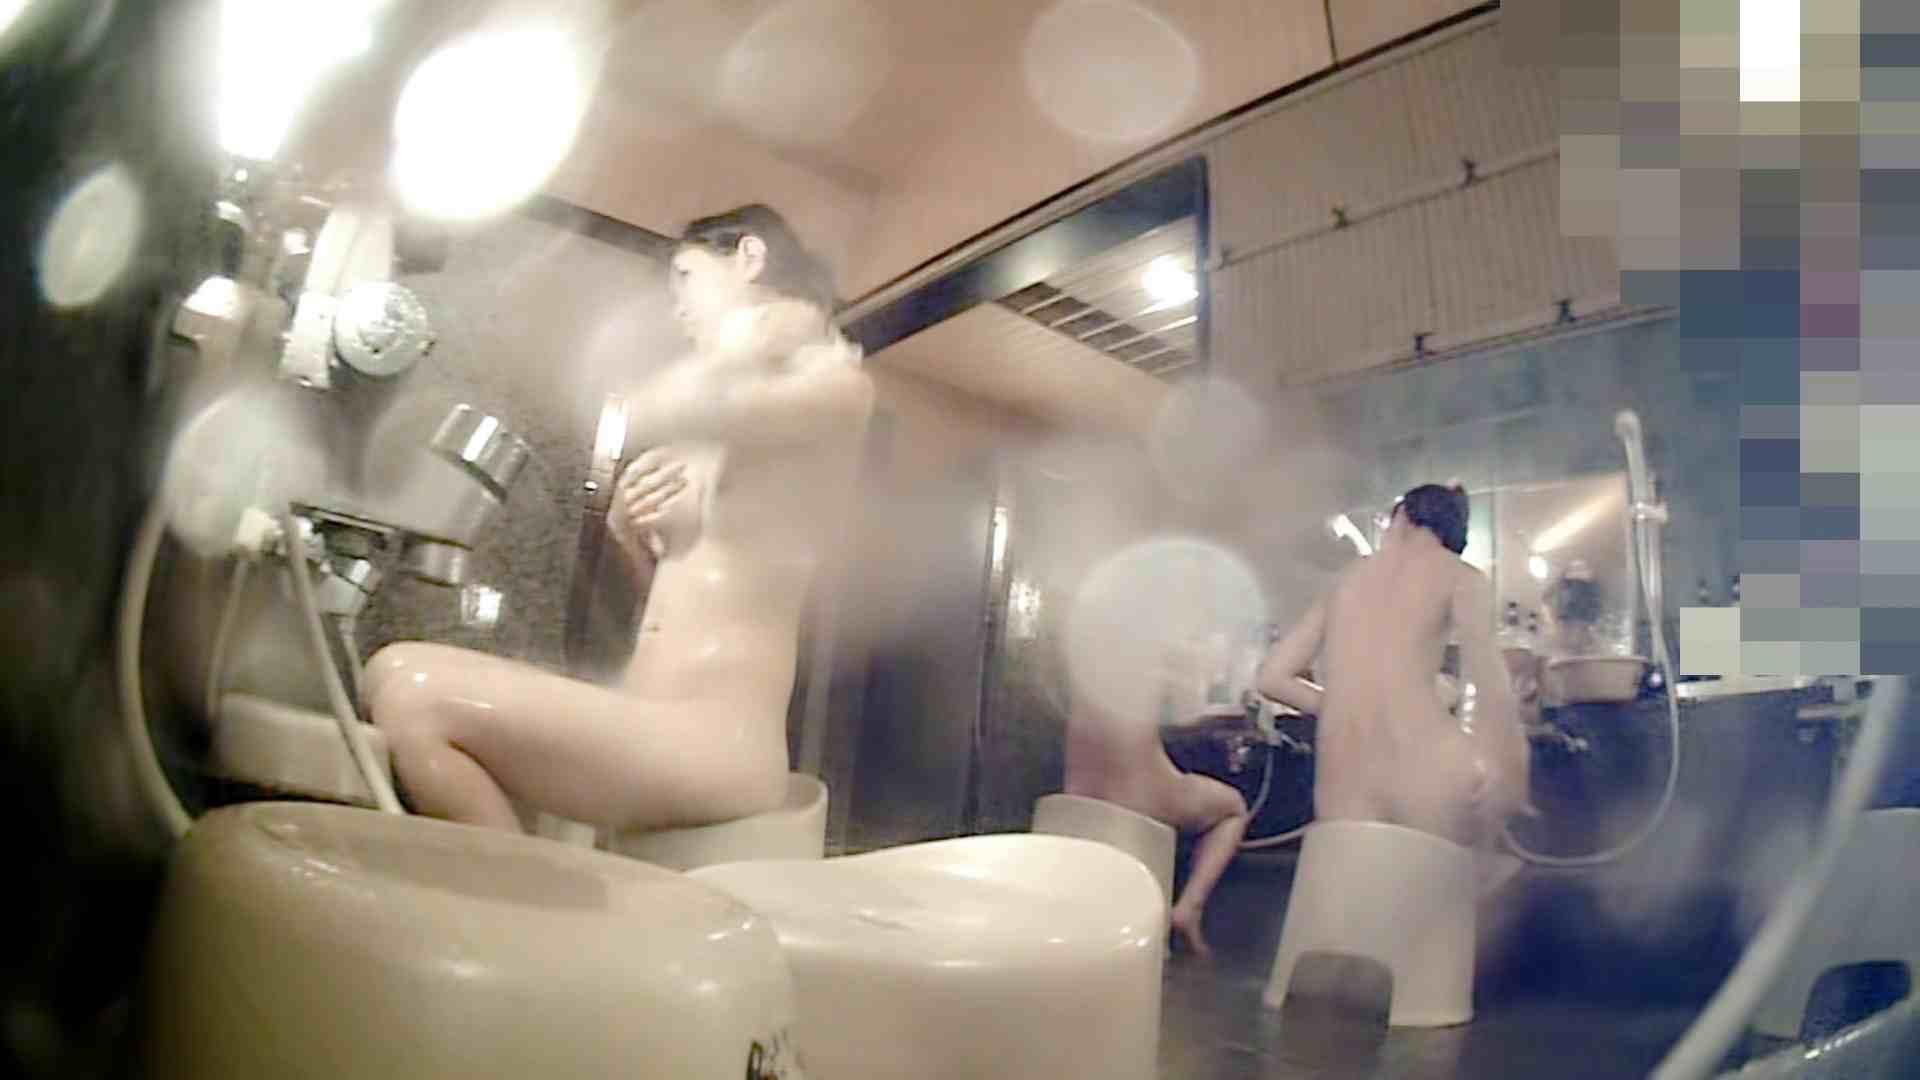 トイレ盗撮|[画質UP]TG.32 【一等兵】個人的には奥のアラ30が好み|怪盗ジョーカー